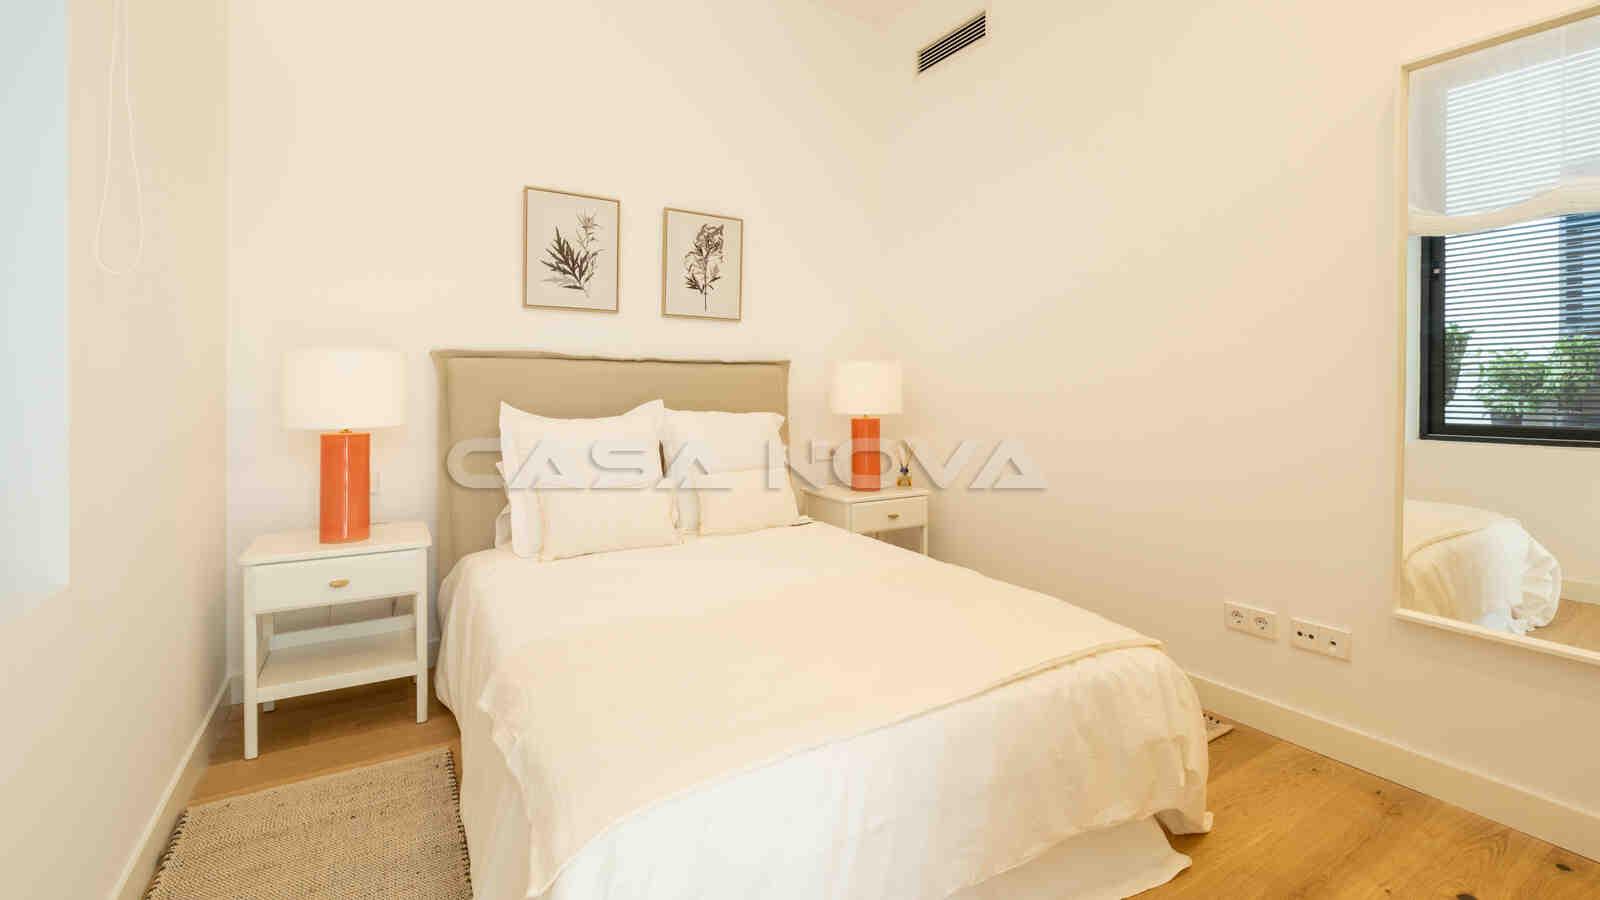 Weiteres Doppelschlafzimmer mit viel Lichteinfall